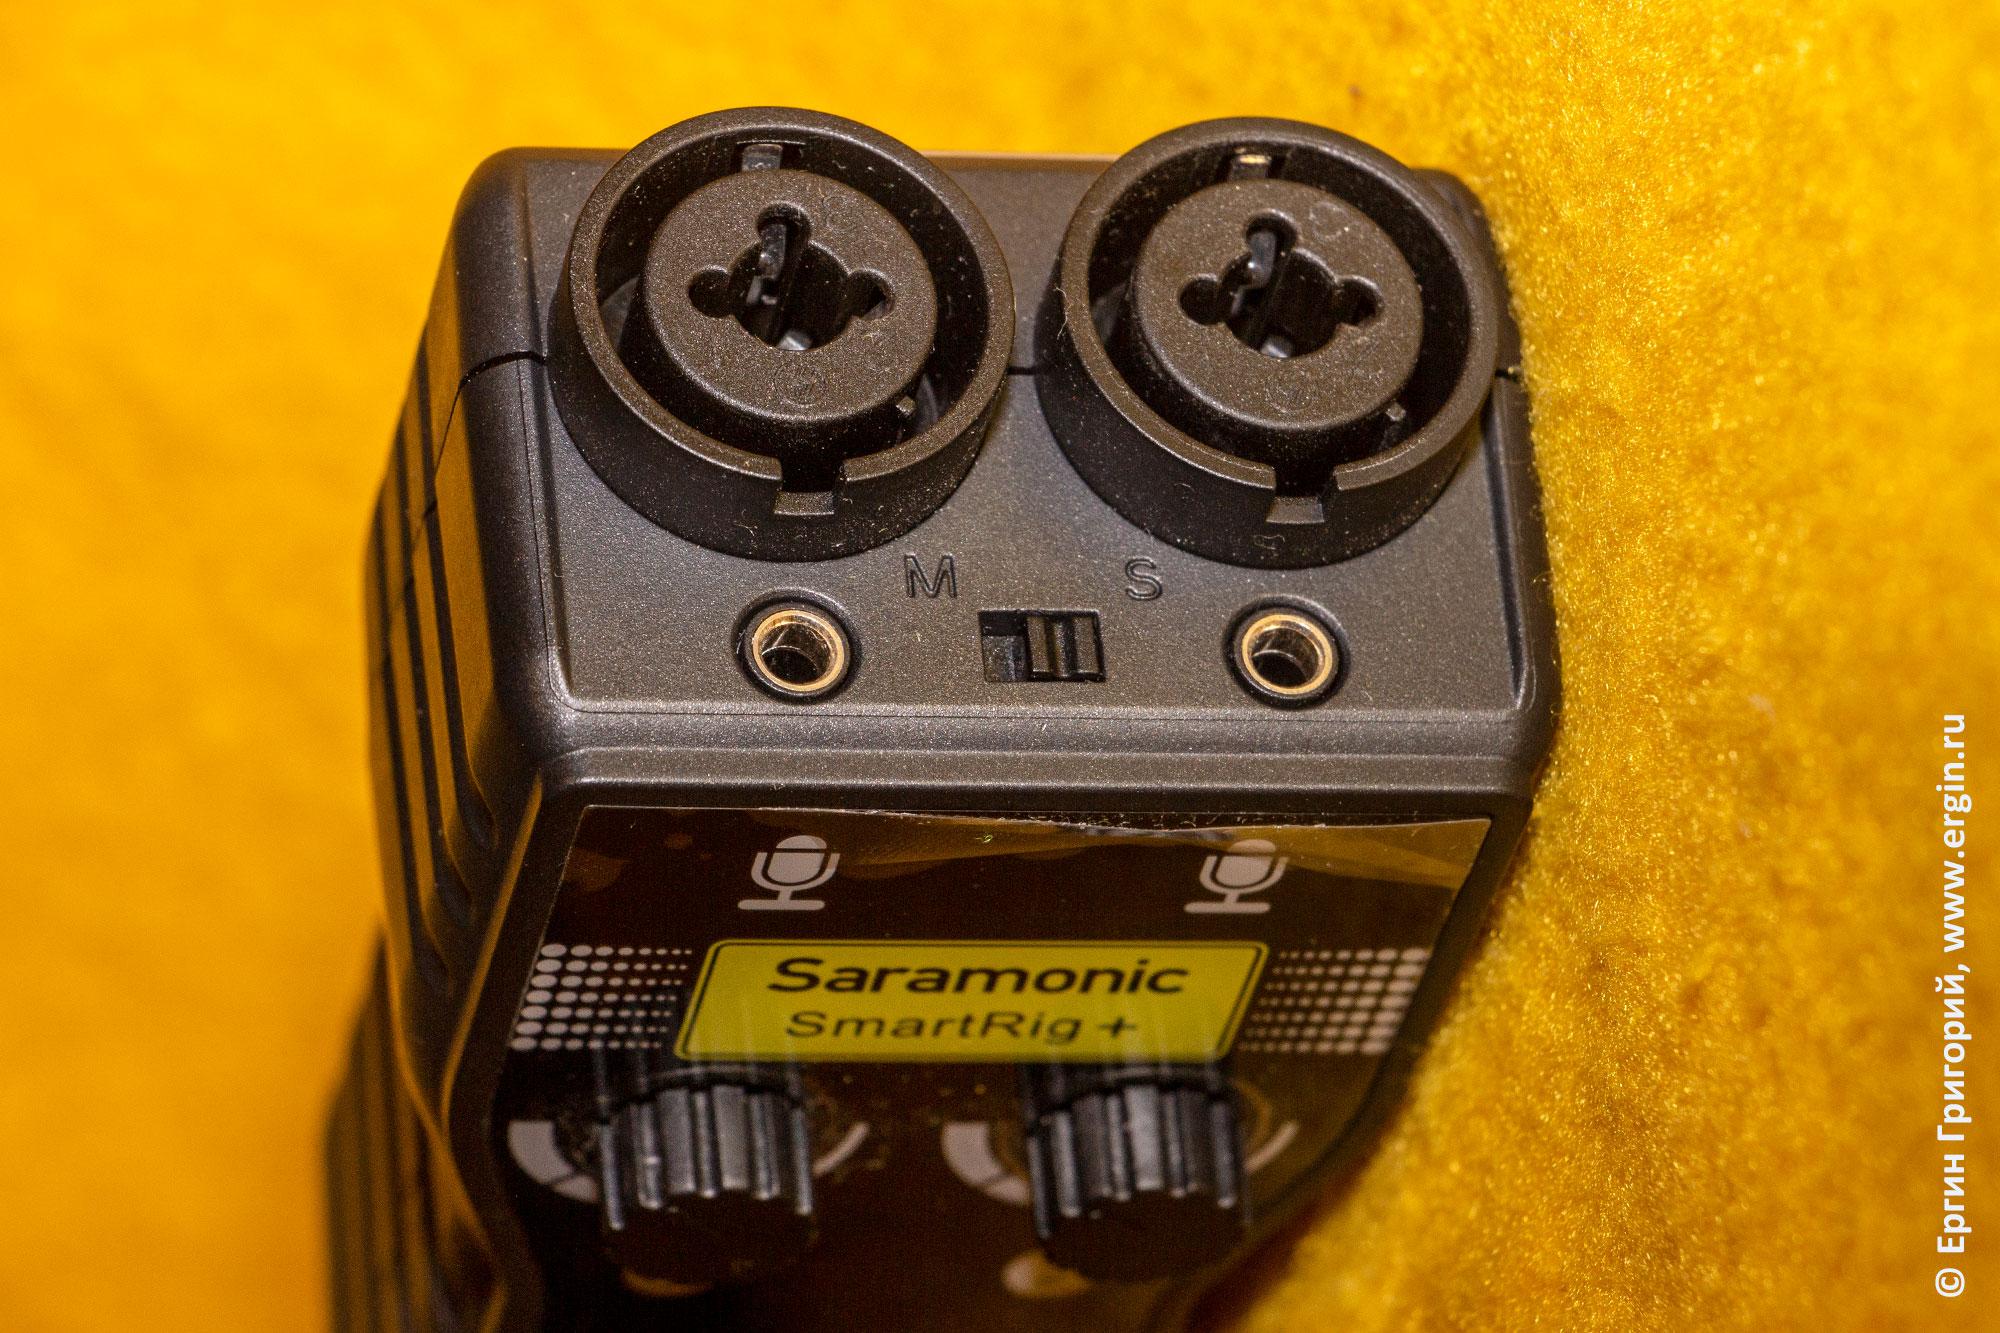 Входы микрофонного усилителя Saramonic SmartRig+: два XLR, совмещенных  с jack 6,35 мм и два jack 3,5 мм